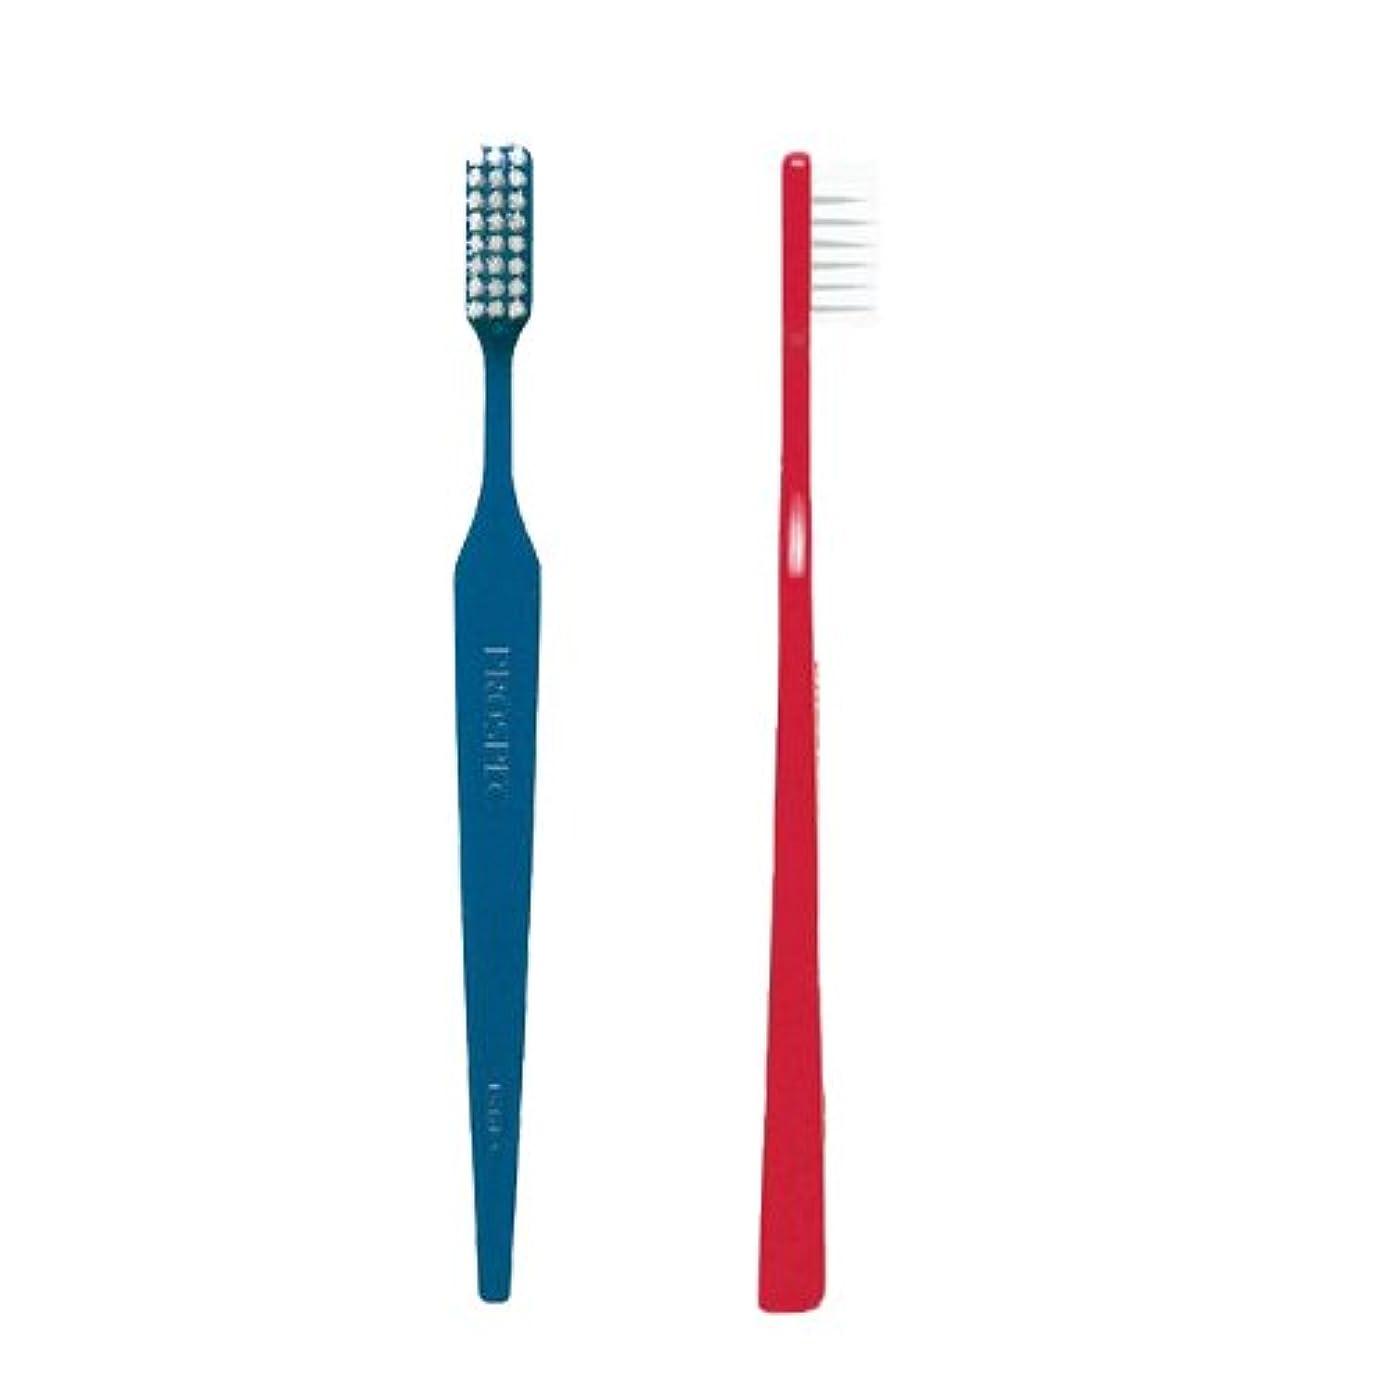 写真グリーンランドリーチGC ジーシープロスペック歯ブラシ アダルト× 5本セット S(やわらかめ)